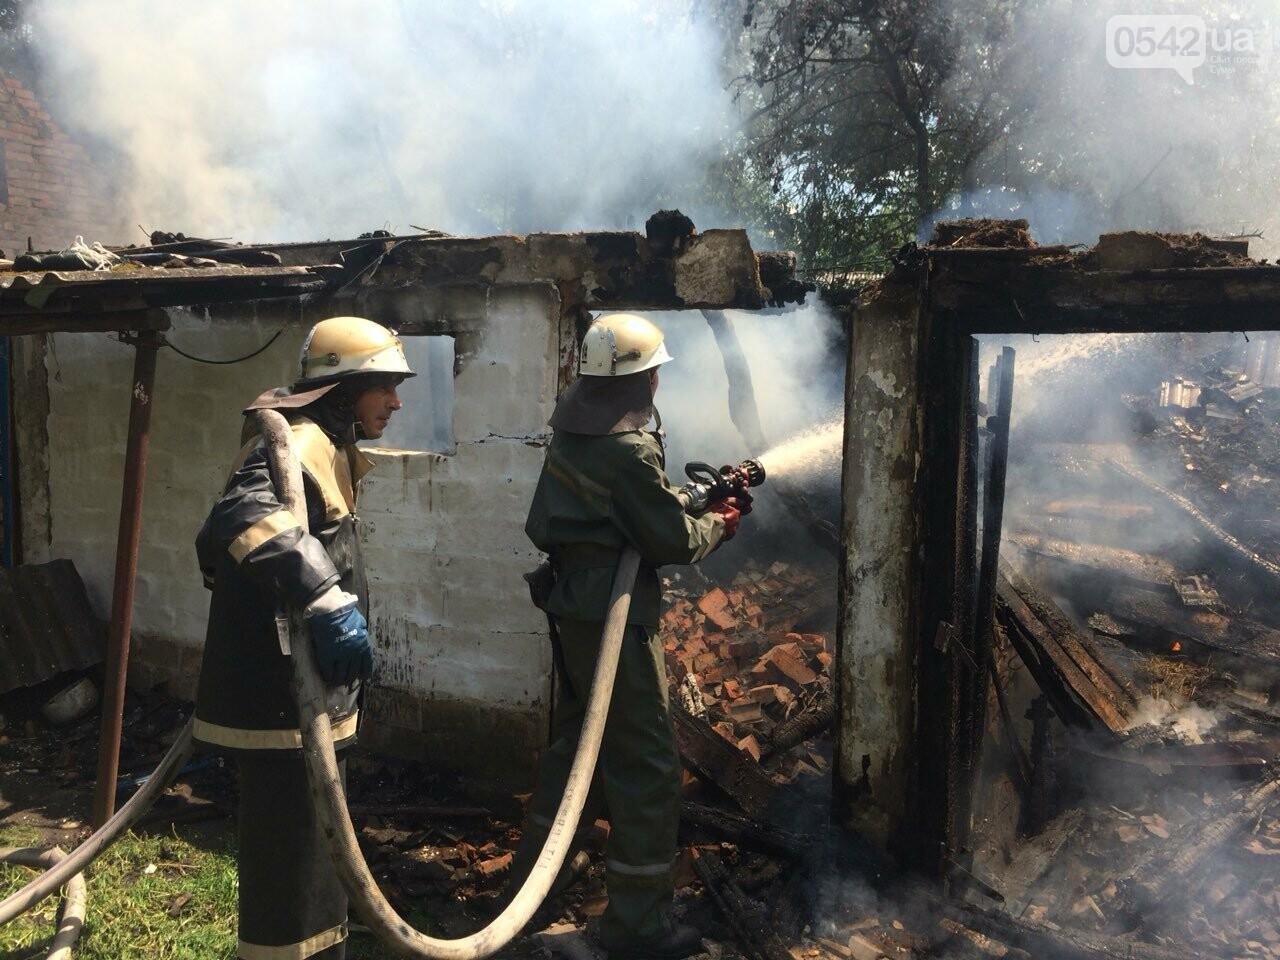 На Сумщине детские шалости с огнем привели к пожару, фото-1